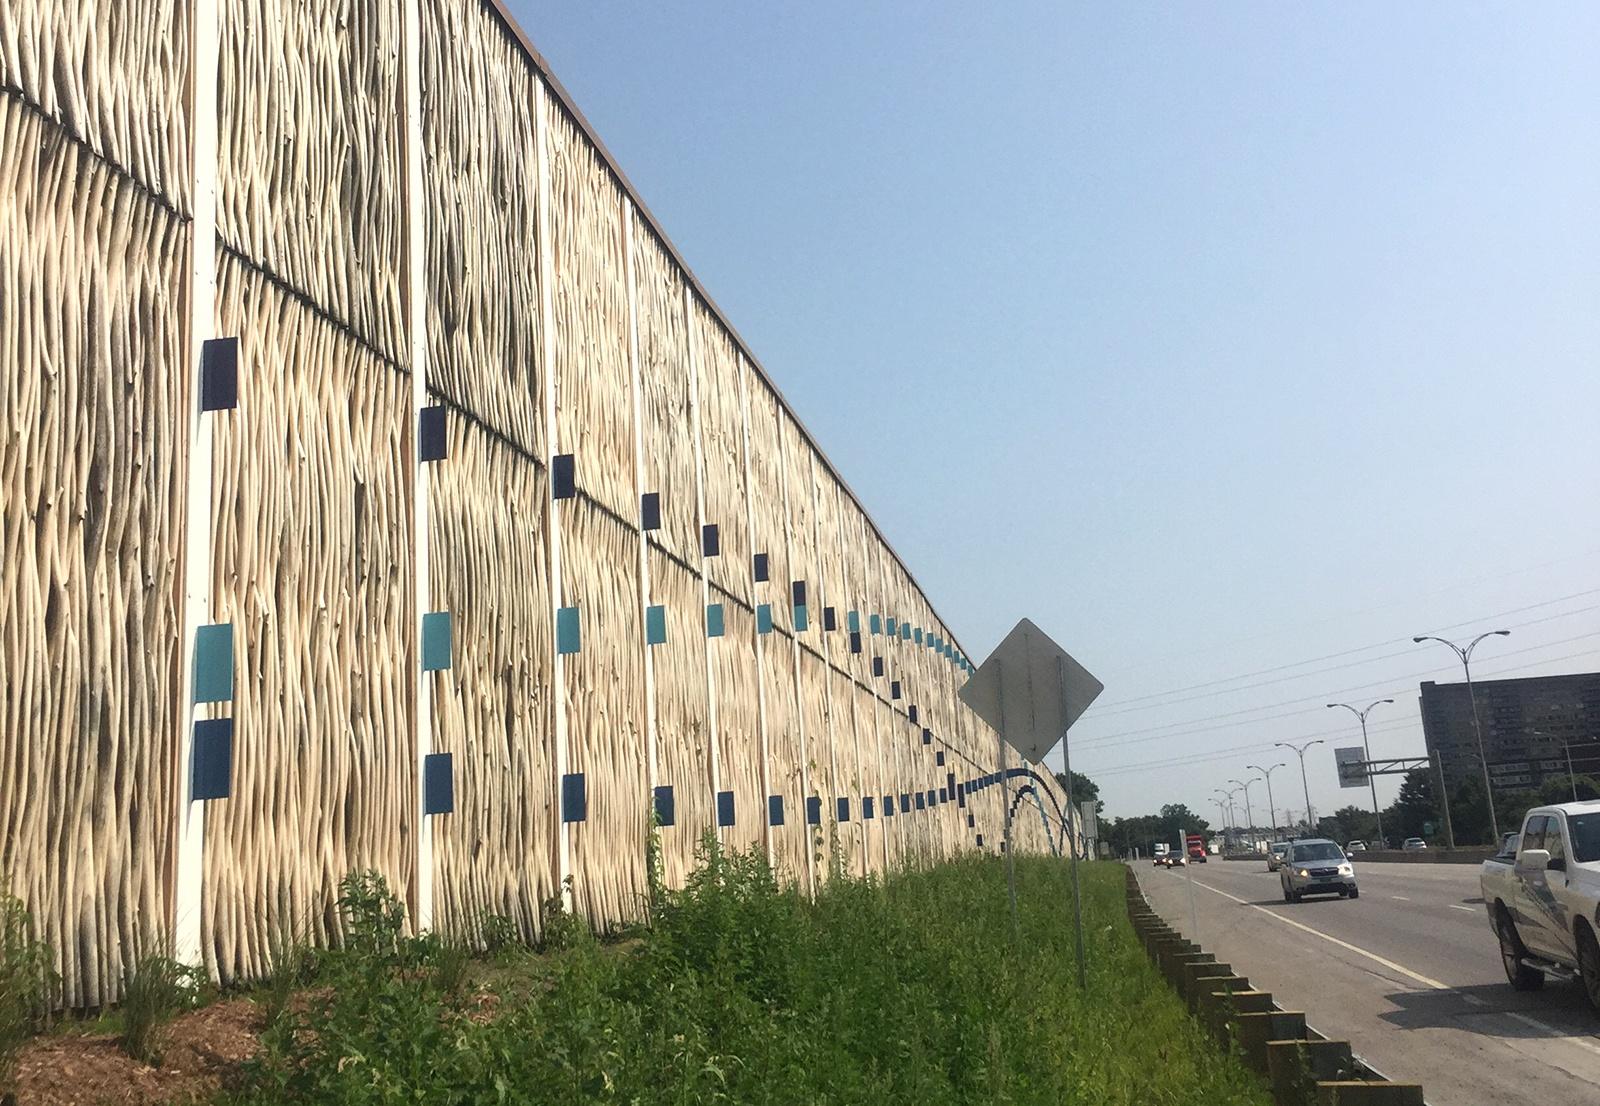 Naturstøjskærm ved Montreal i Canada  licensproduceret på design og teknik fra PileByg